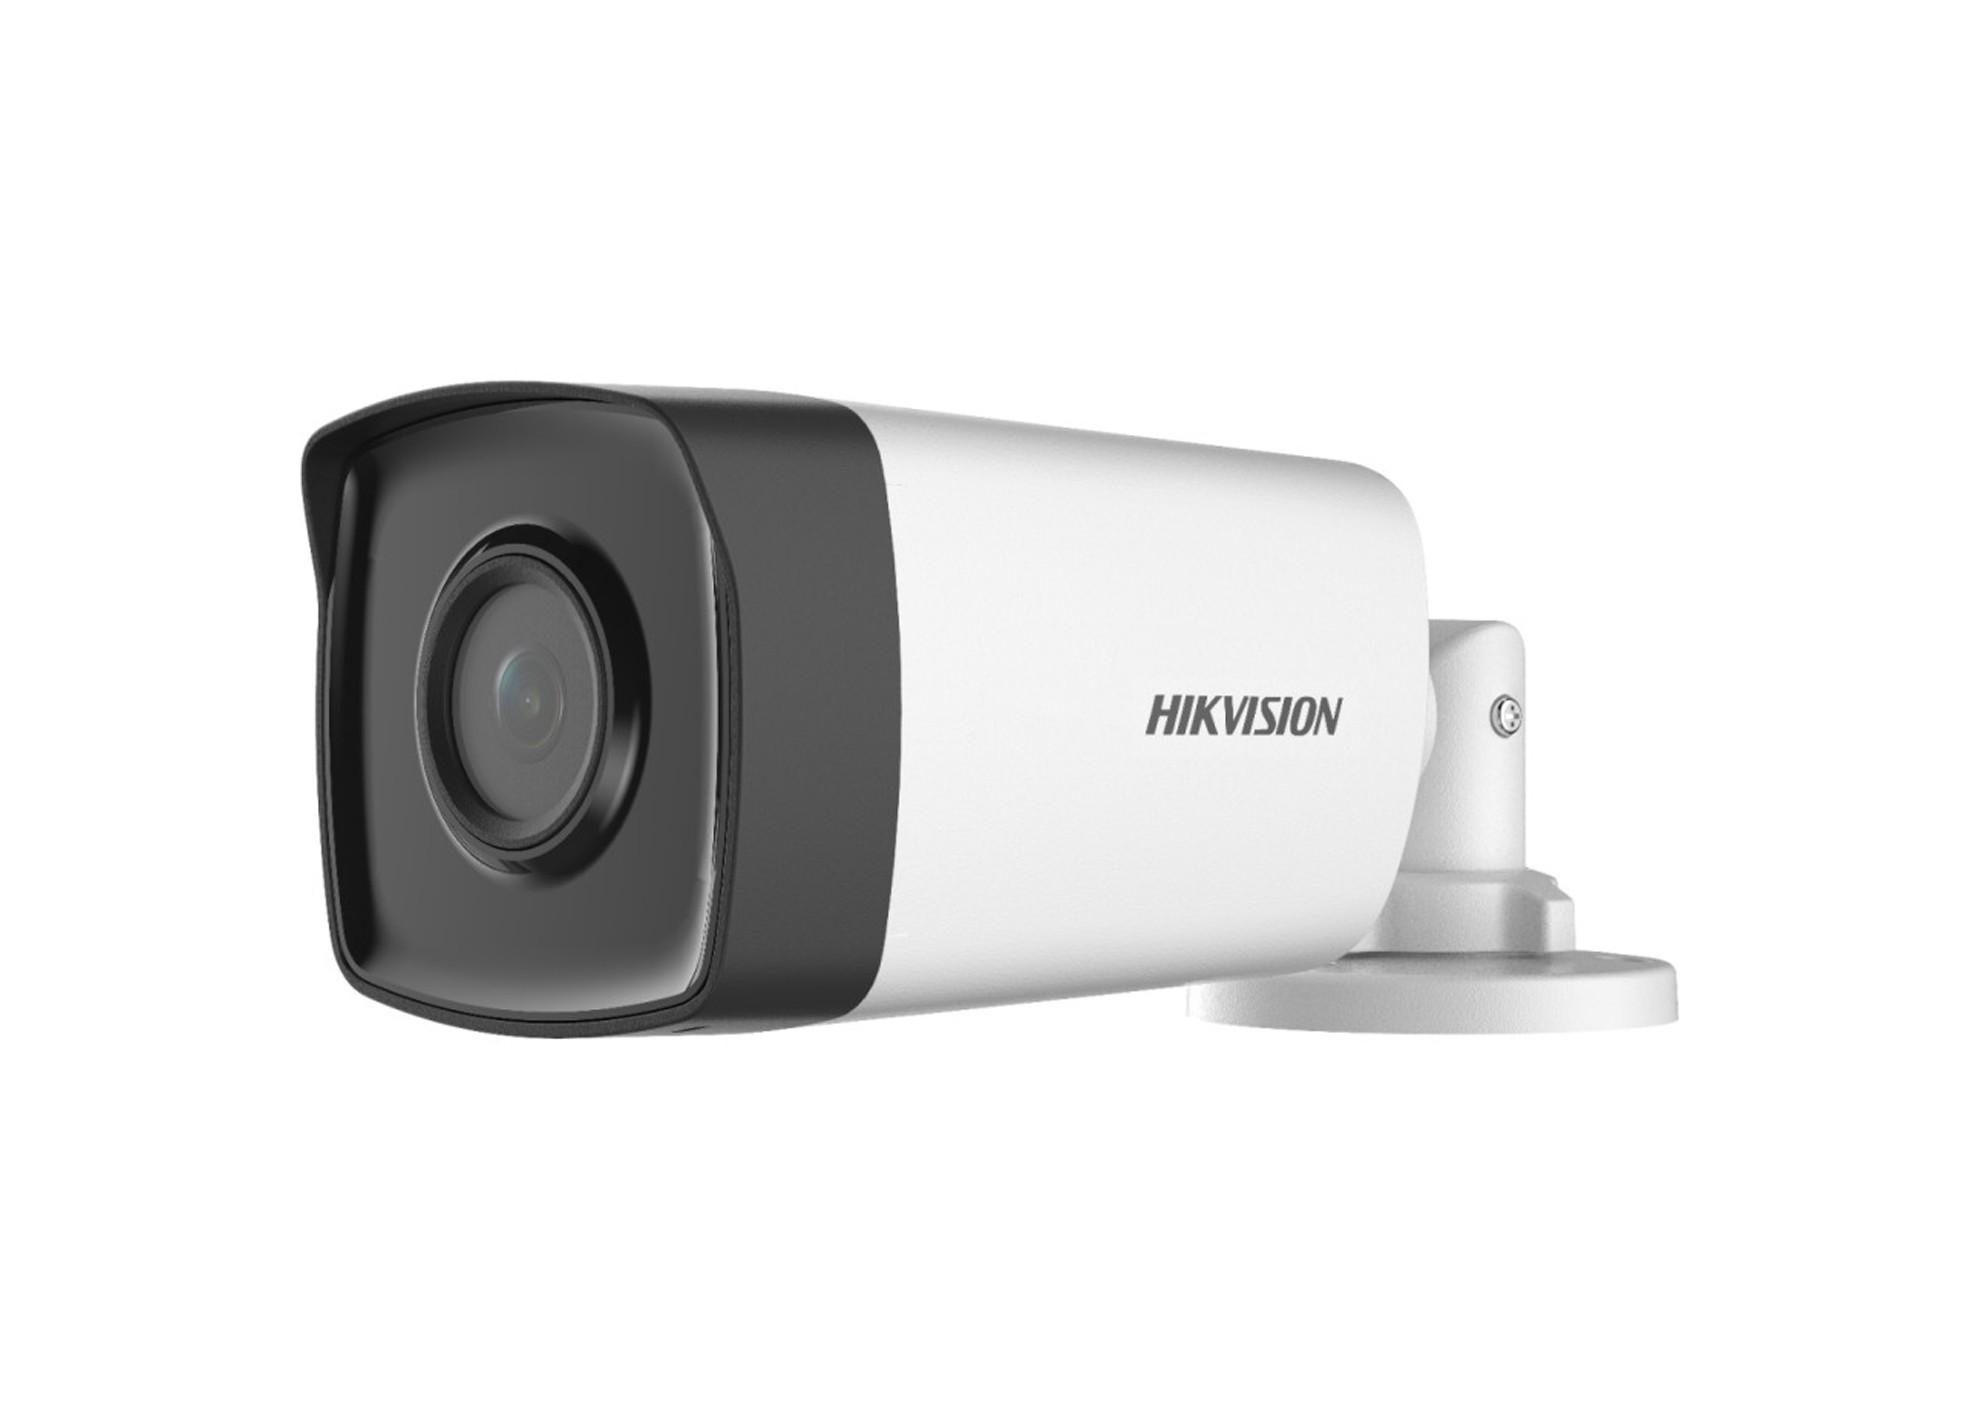 Kamera DS-2CE17D0T-IT3F (2,8mm) rč.045A